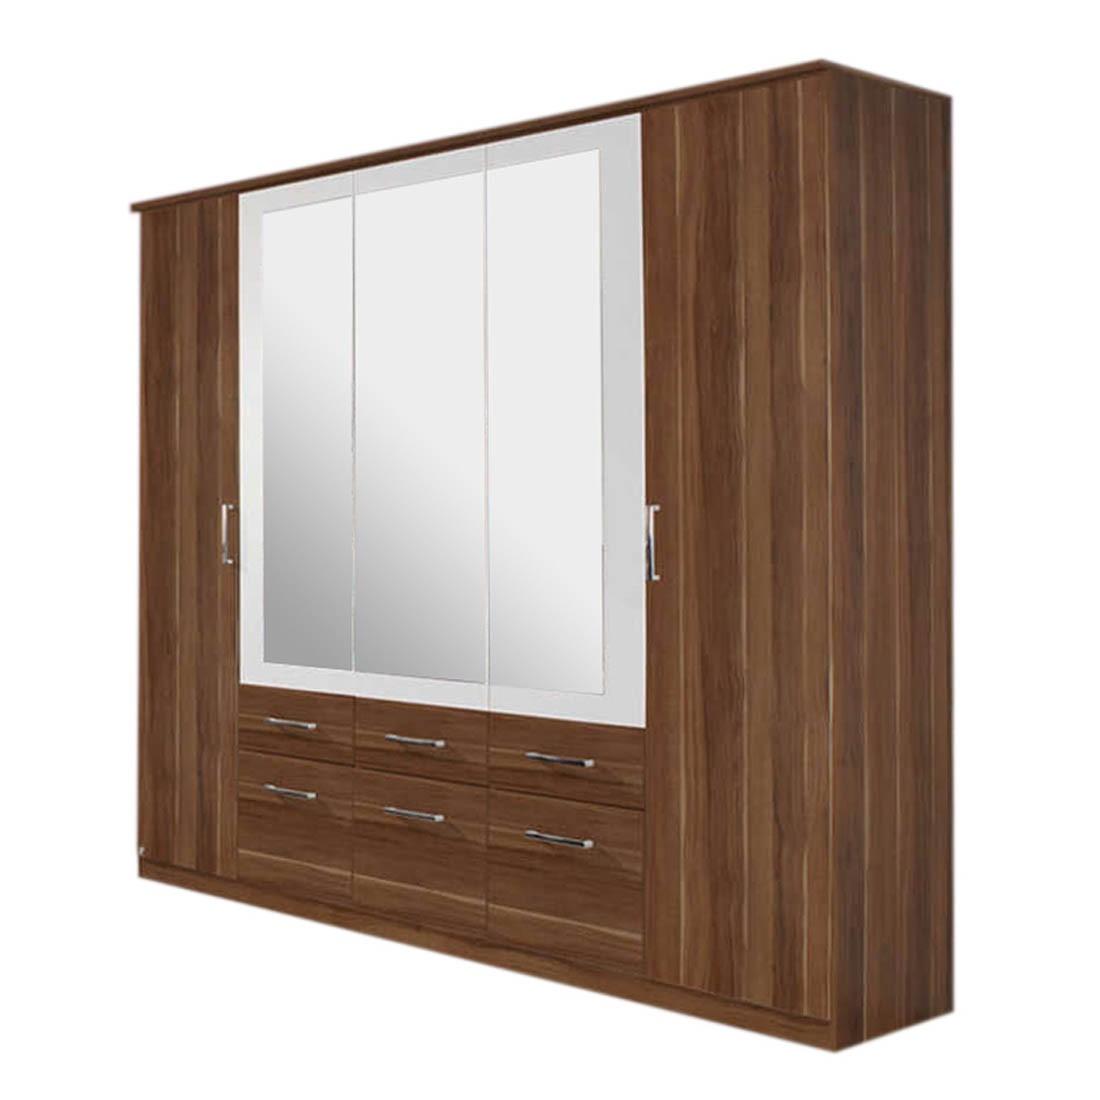 Drehtüren-/Kombischrank Burano – Kernnuss Dekor – Spiegel in Alpinweiß eingefasst – Schrankbreite: 226 cm – 5-türig, Rauch Pack´s jetzt kaufen